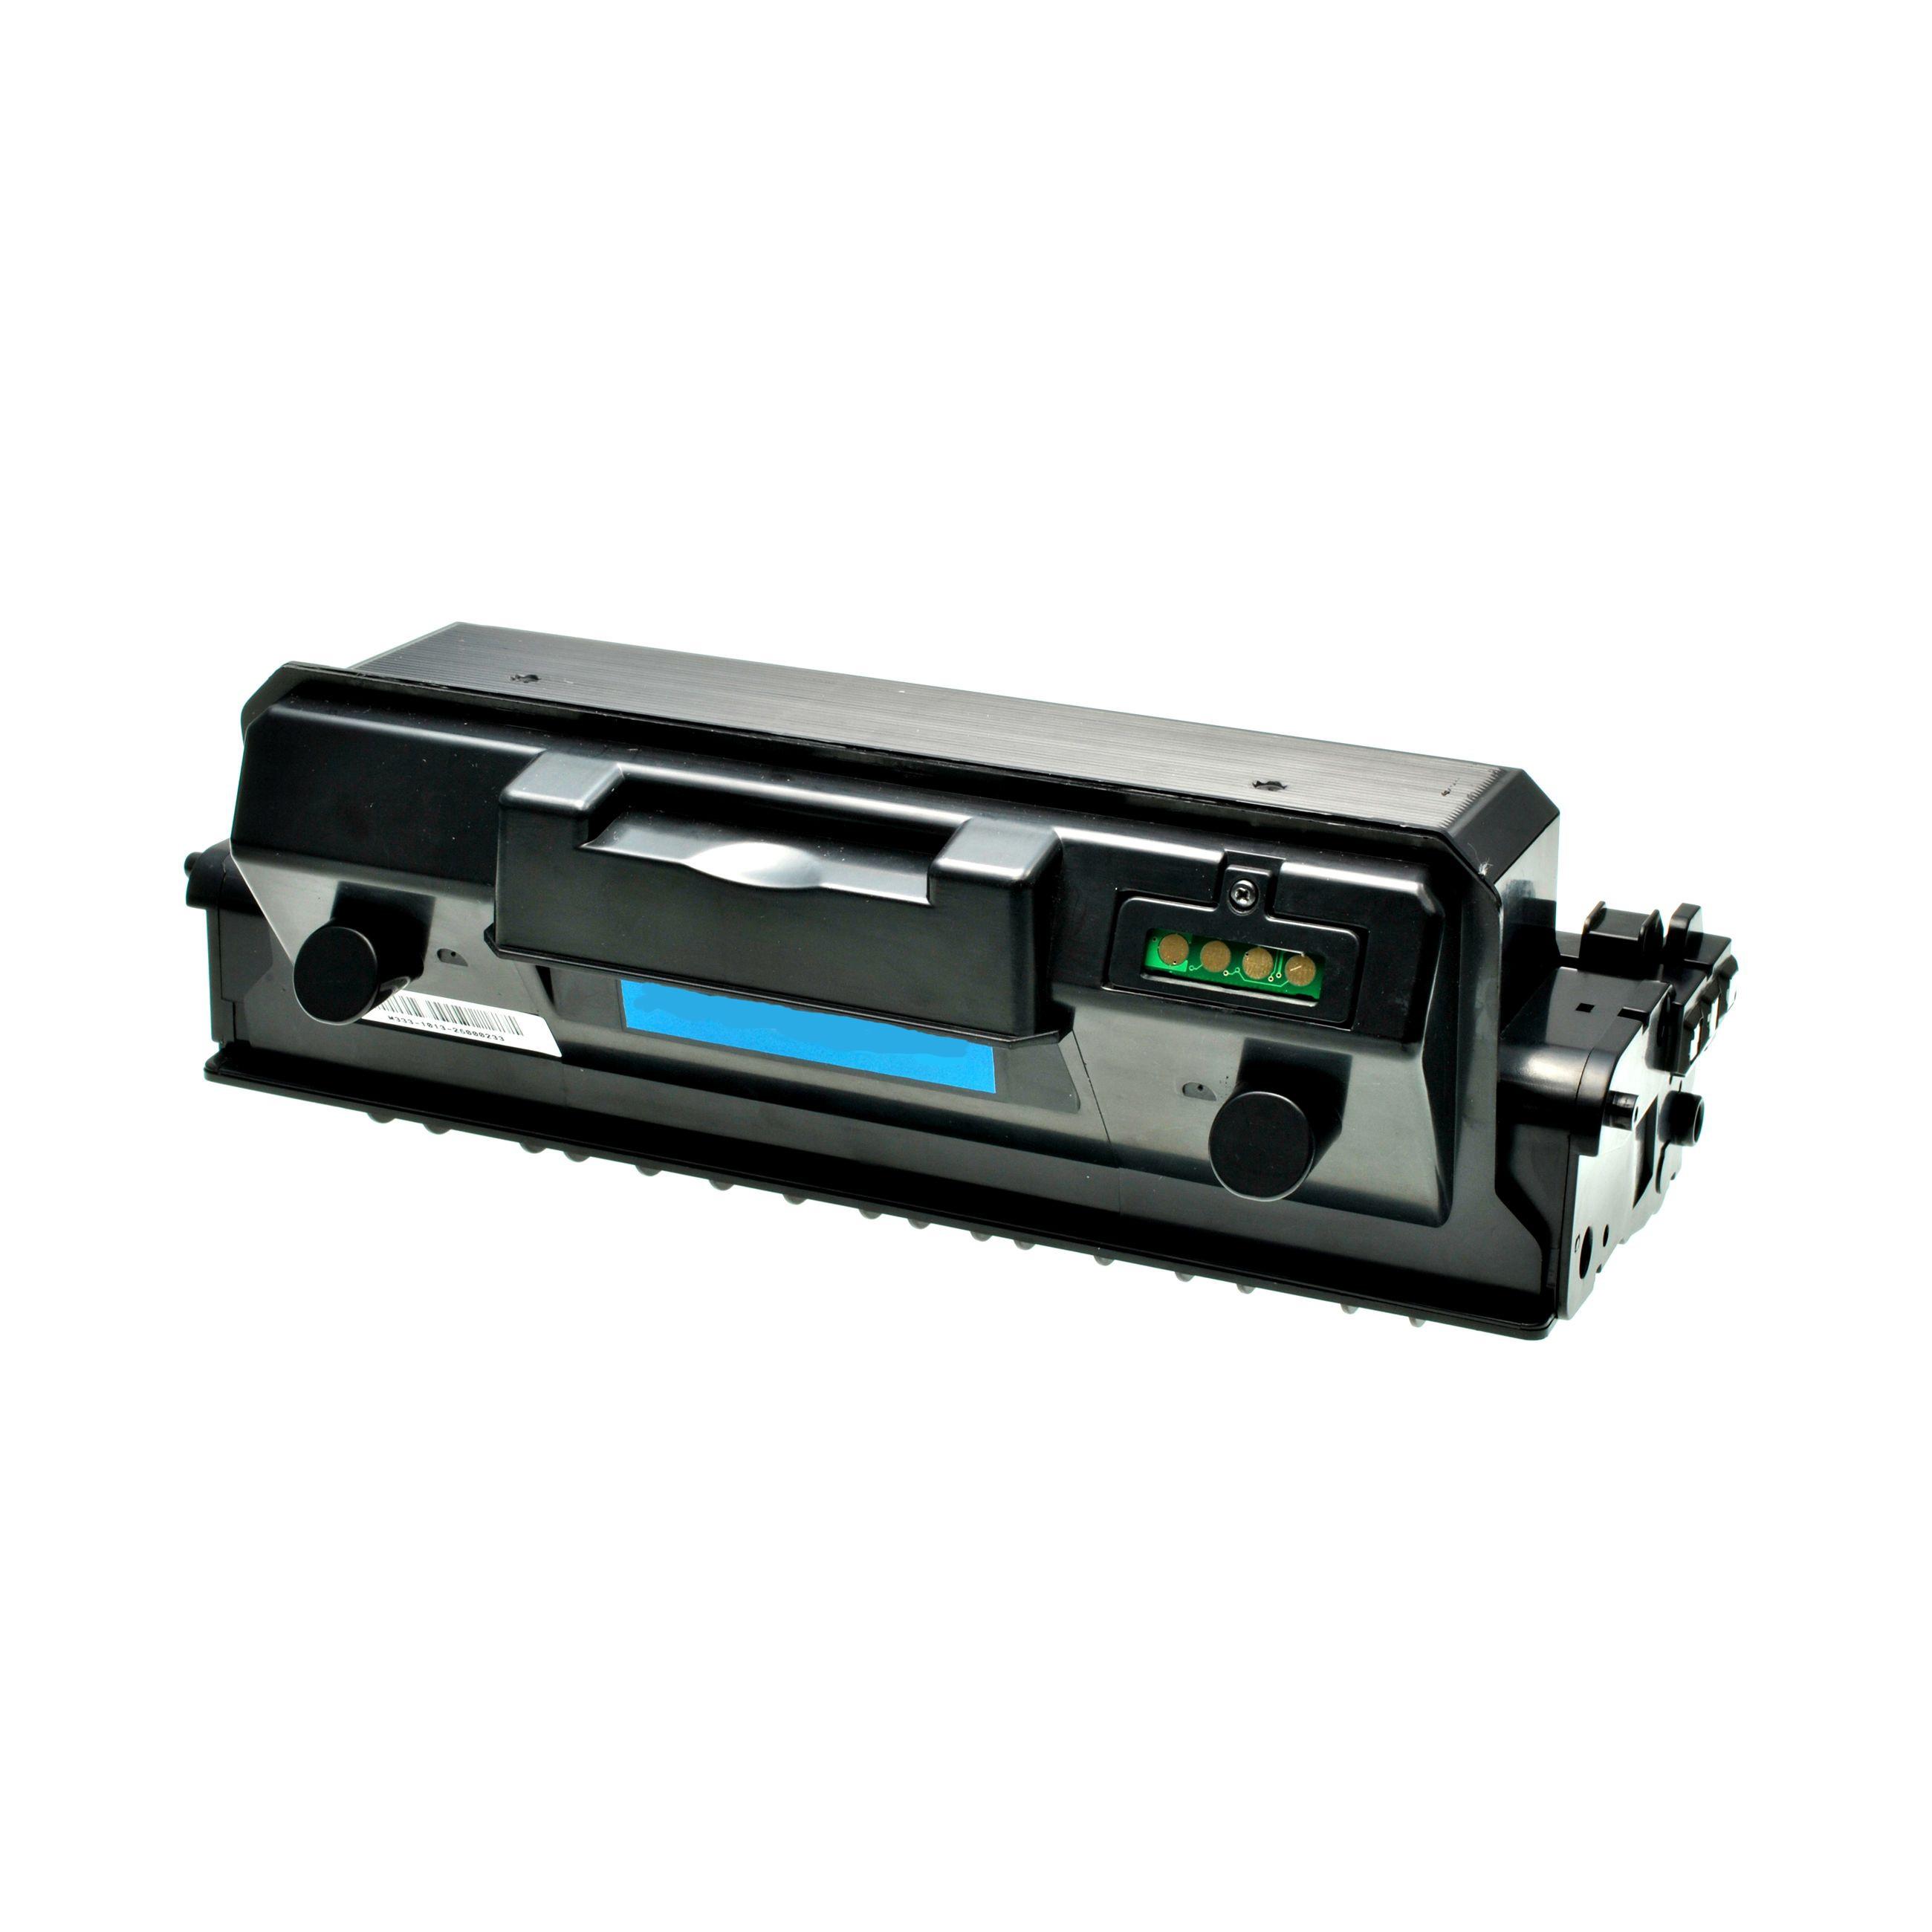 Alternativ-Toner fuer Samsung 204L / MLT-D204 L/ELS schwarz